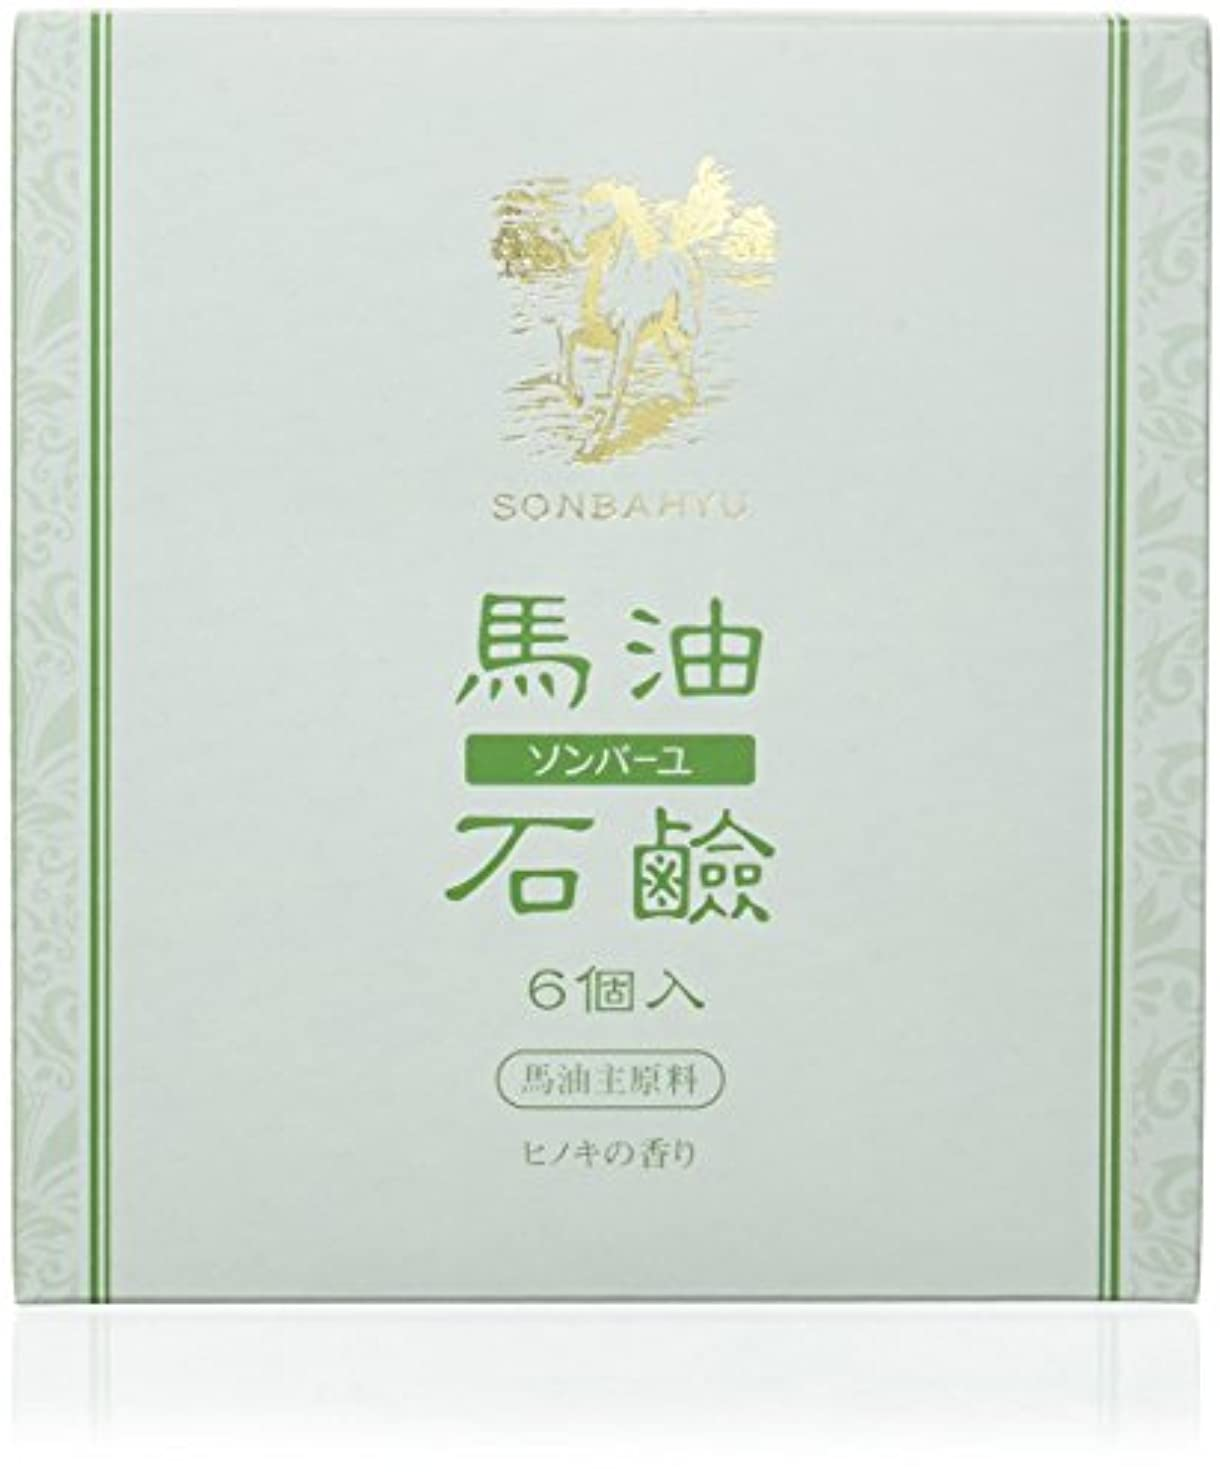 注文遠い熱心なソンバーユ石鹸 85g×6個 ヒノキの香り